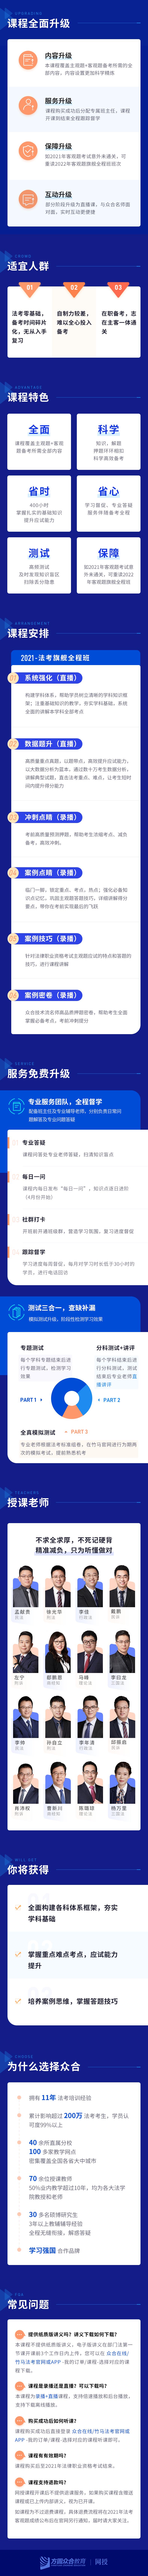 法考旗舰全程班详情页-12.24.png